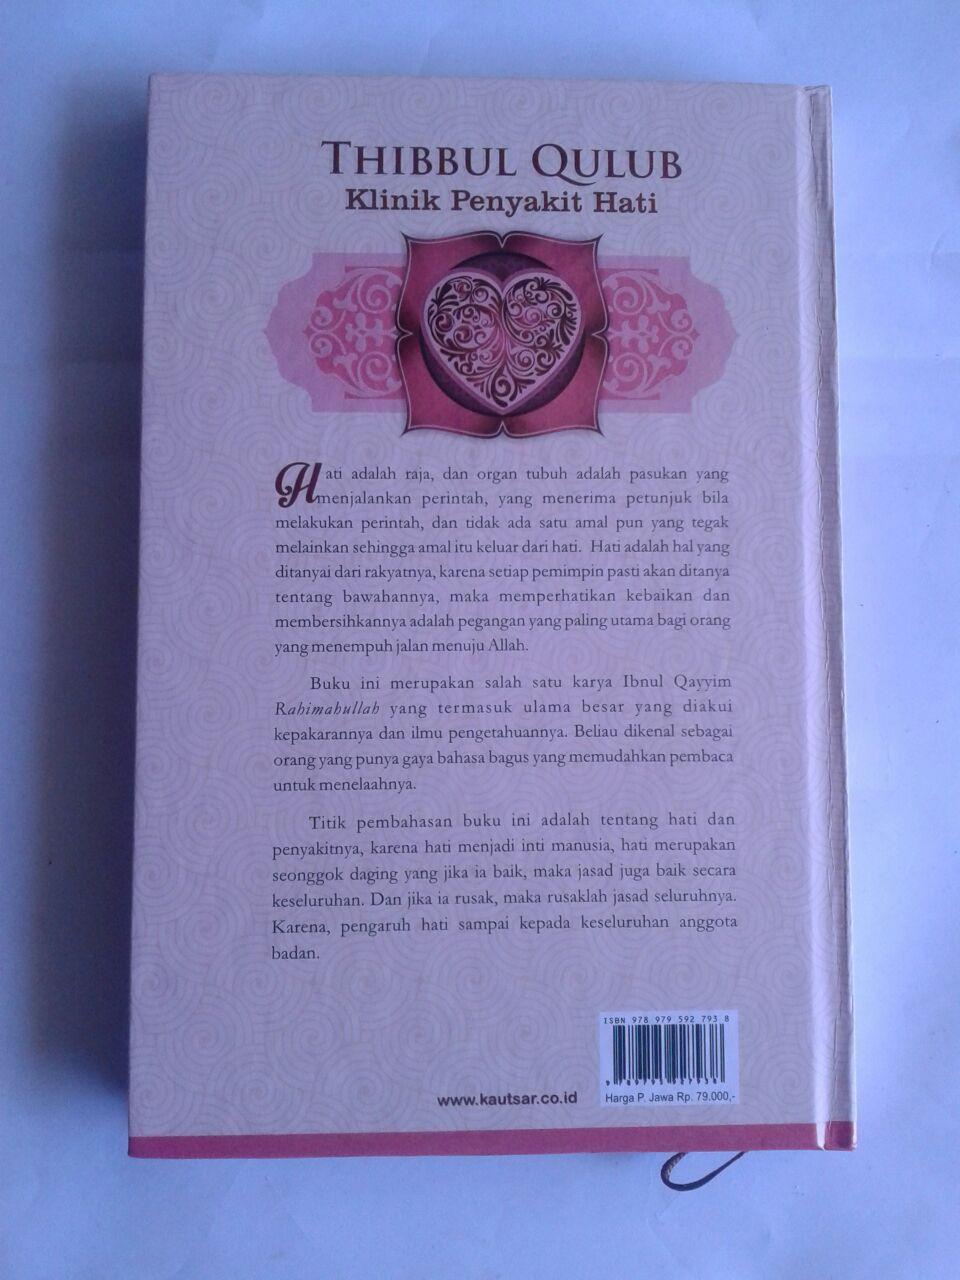 Buku Thibbul Qulub Klinik Penyakit Hati cover